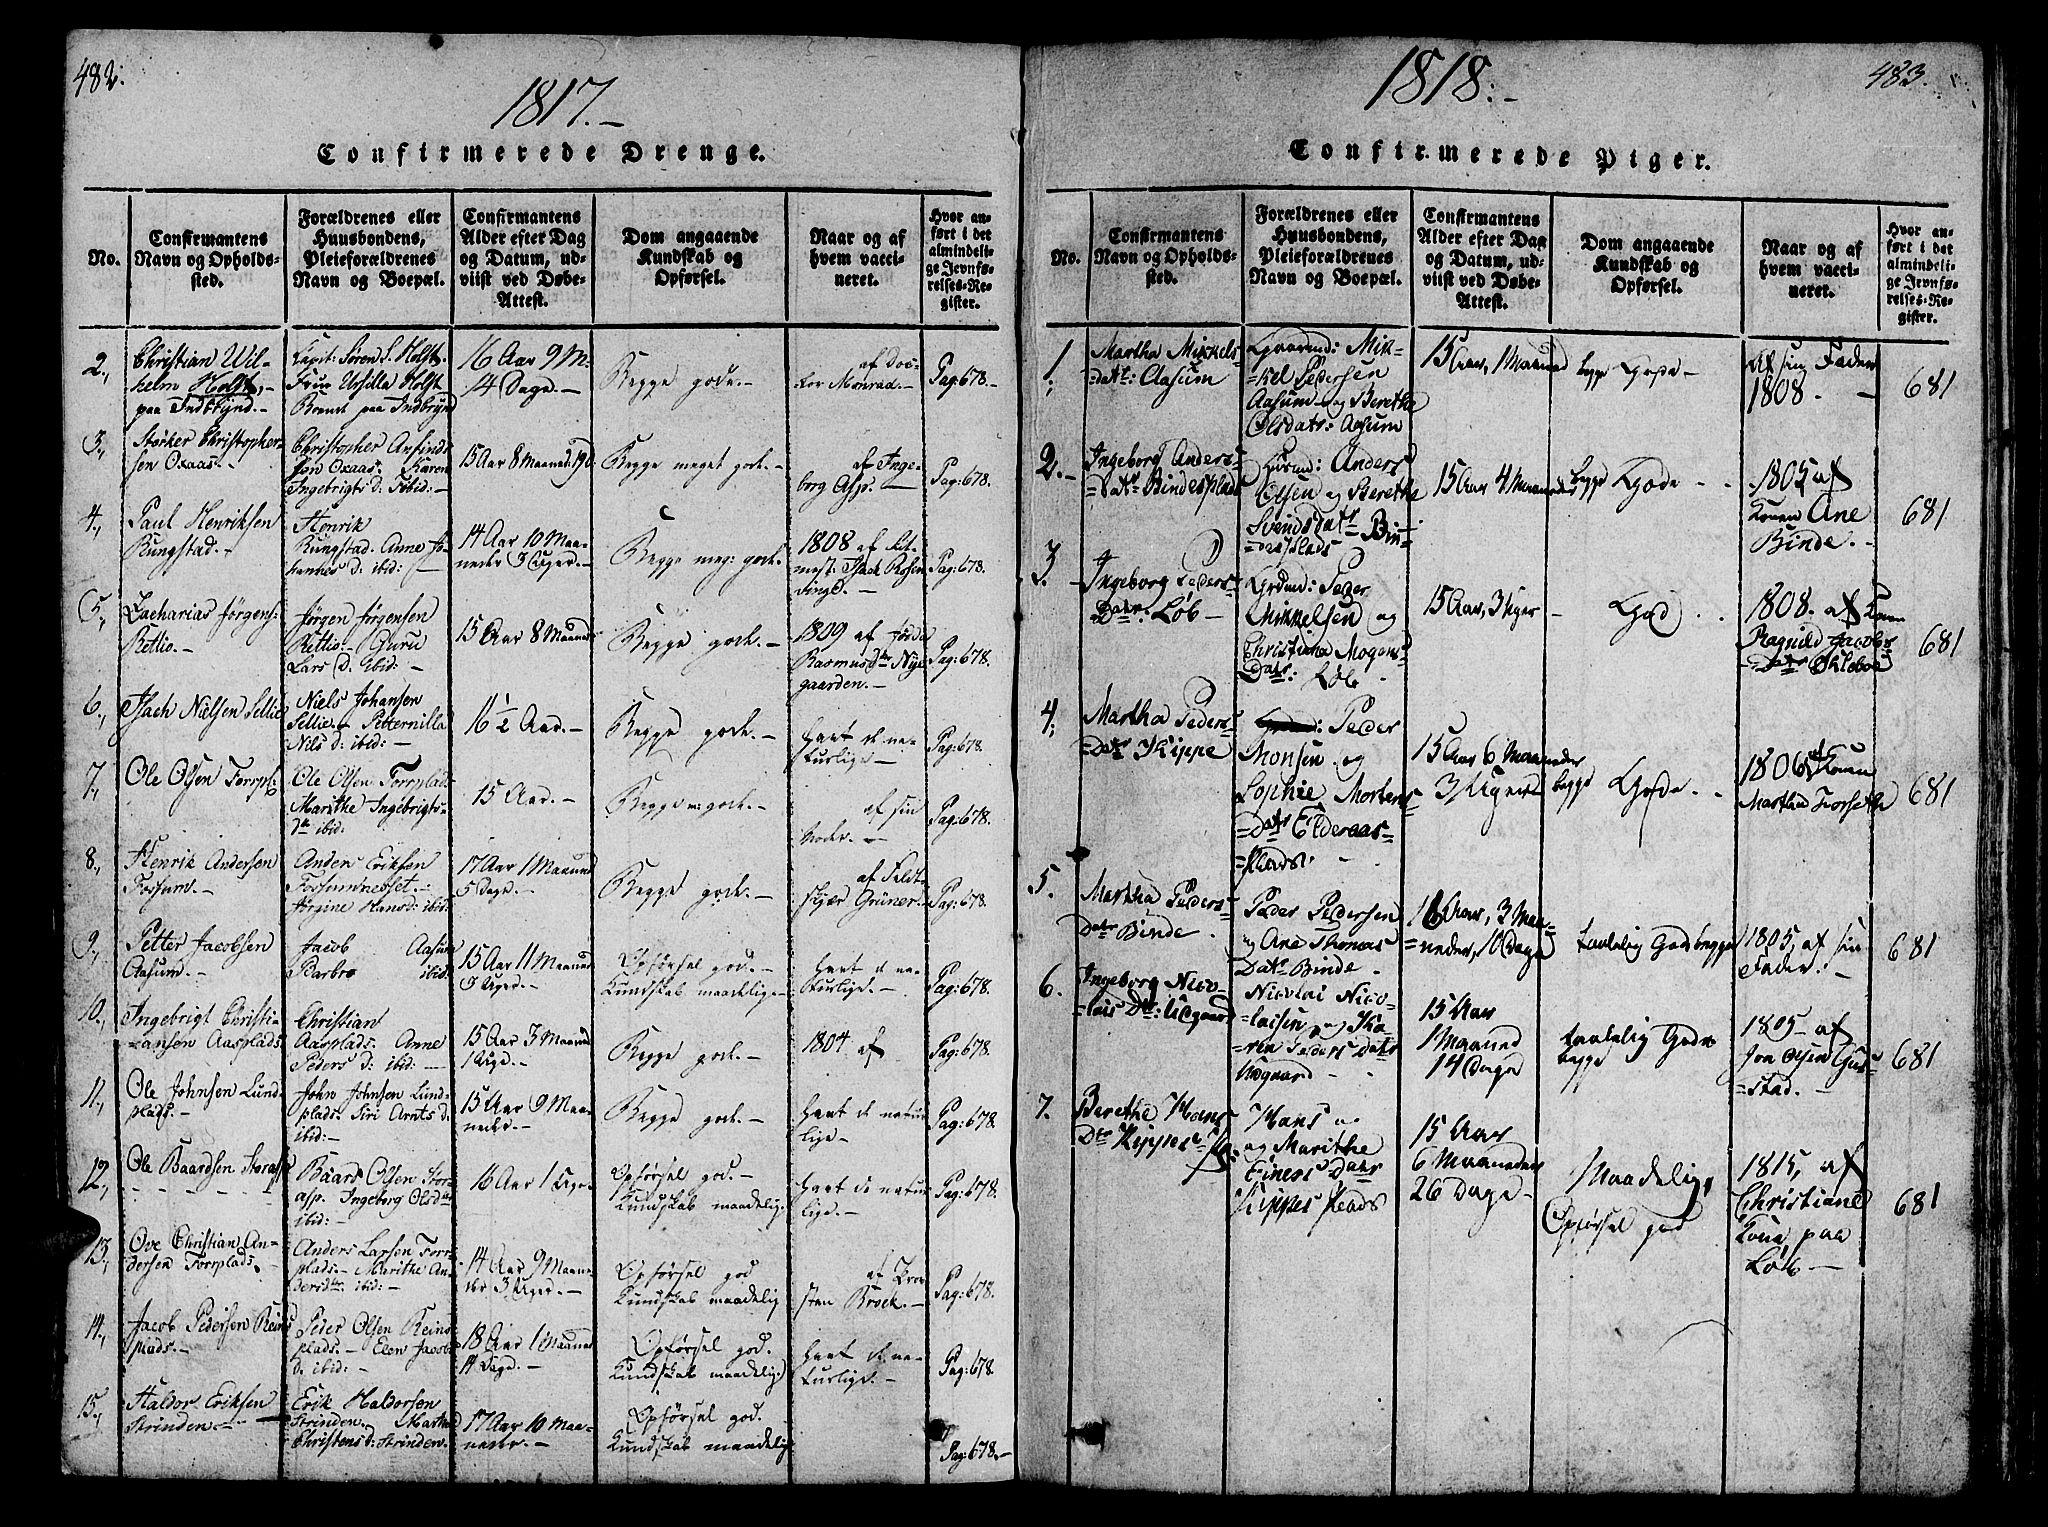 SAT, Ministerialprotokoller, klokkerbøker og fødselsregistre - Nord-Trøndelag, 746/L0441: Ministerialbok nr. 746A03 /1, 1816-1827, s. 482-483